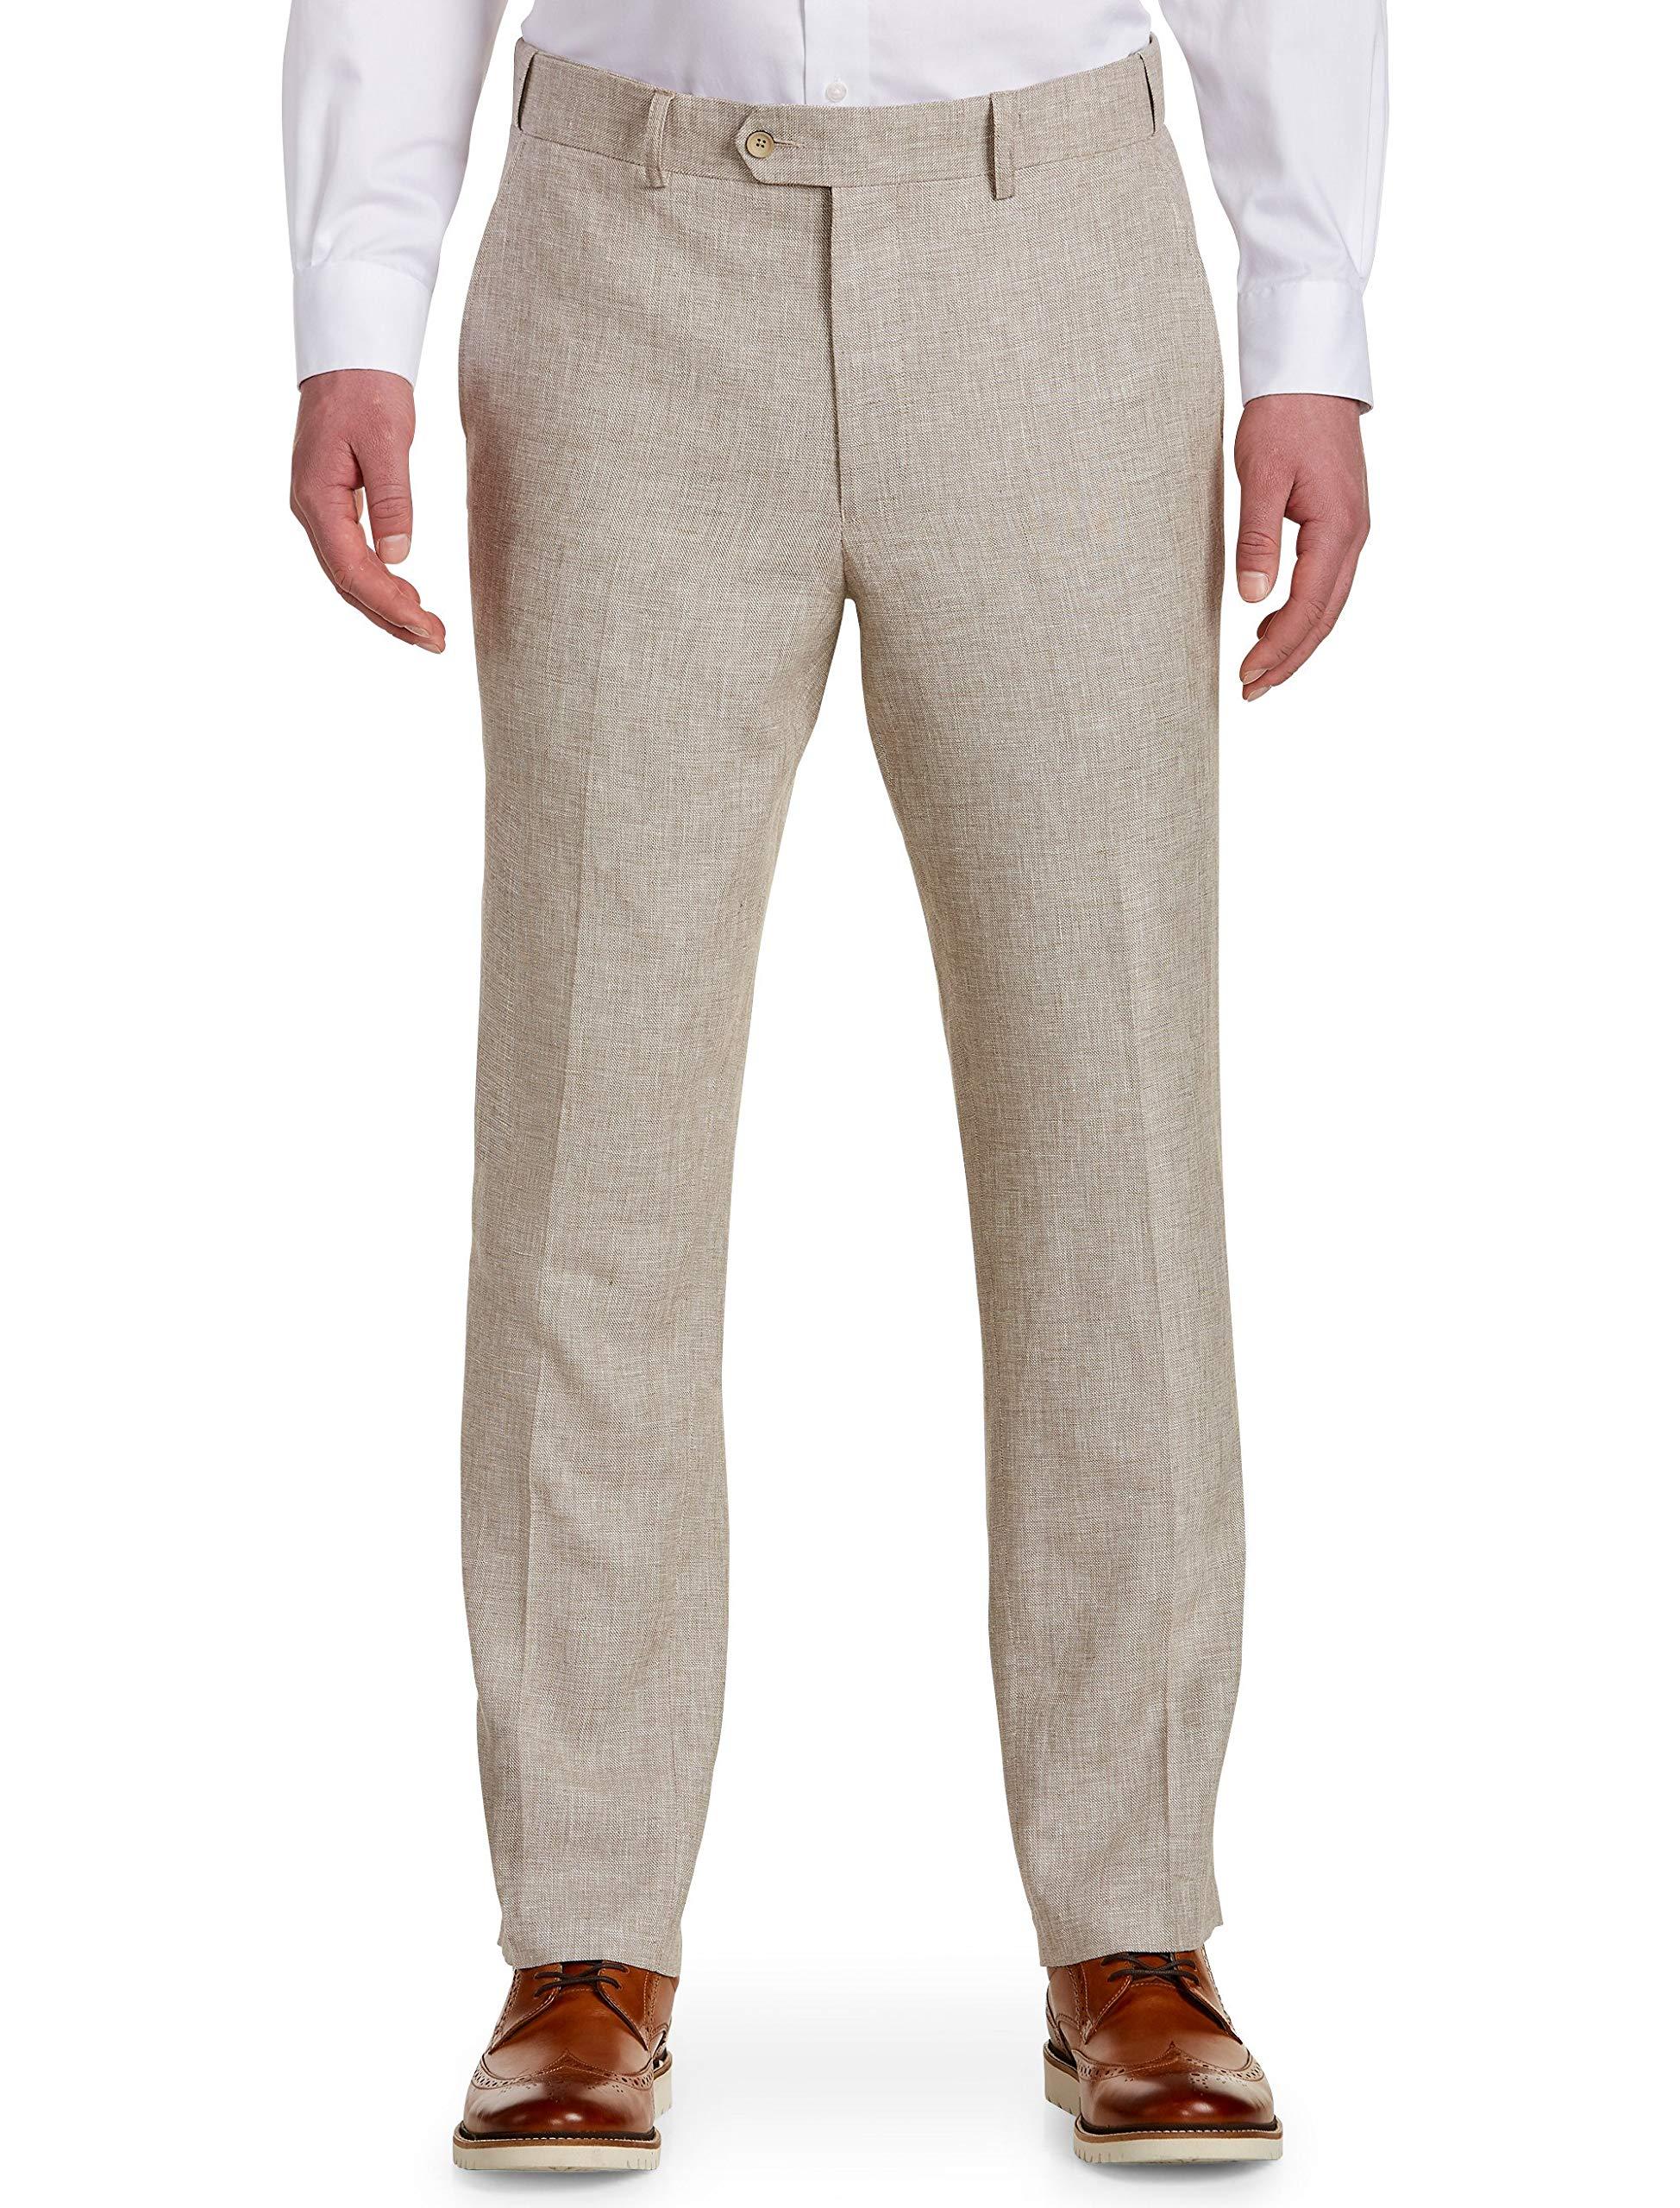 Oak Hill by DXL Big and Tall Waist-Relaxer Flat-Front Linen-Blend Suit Pants